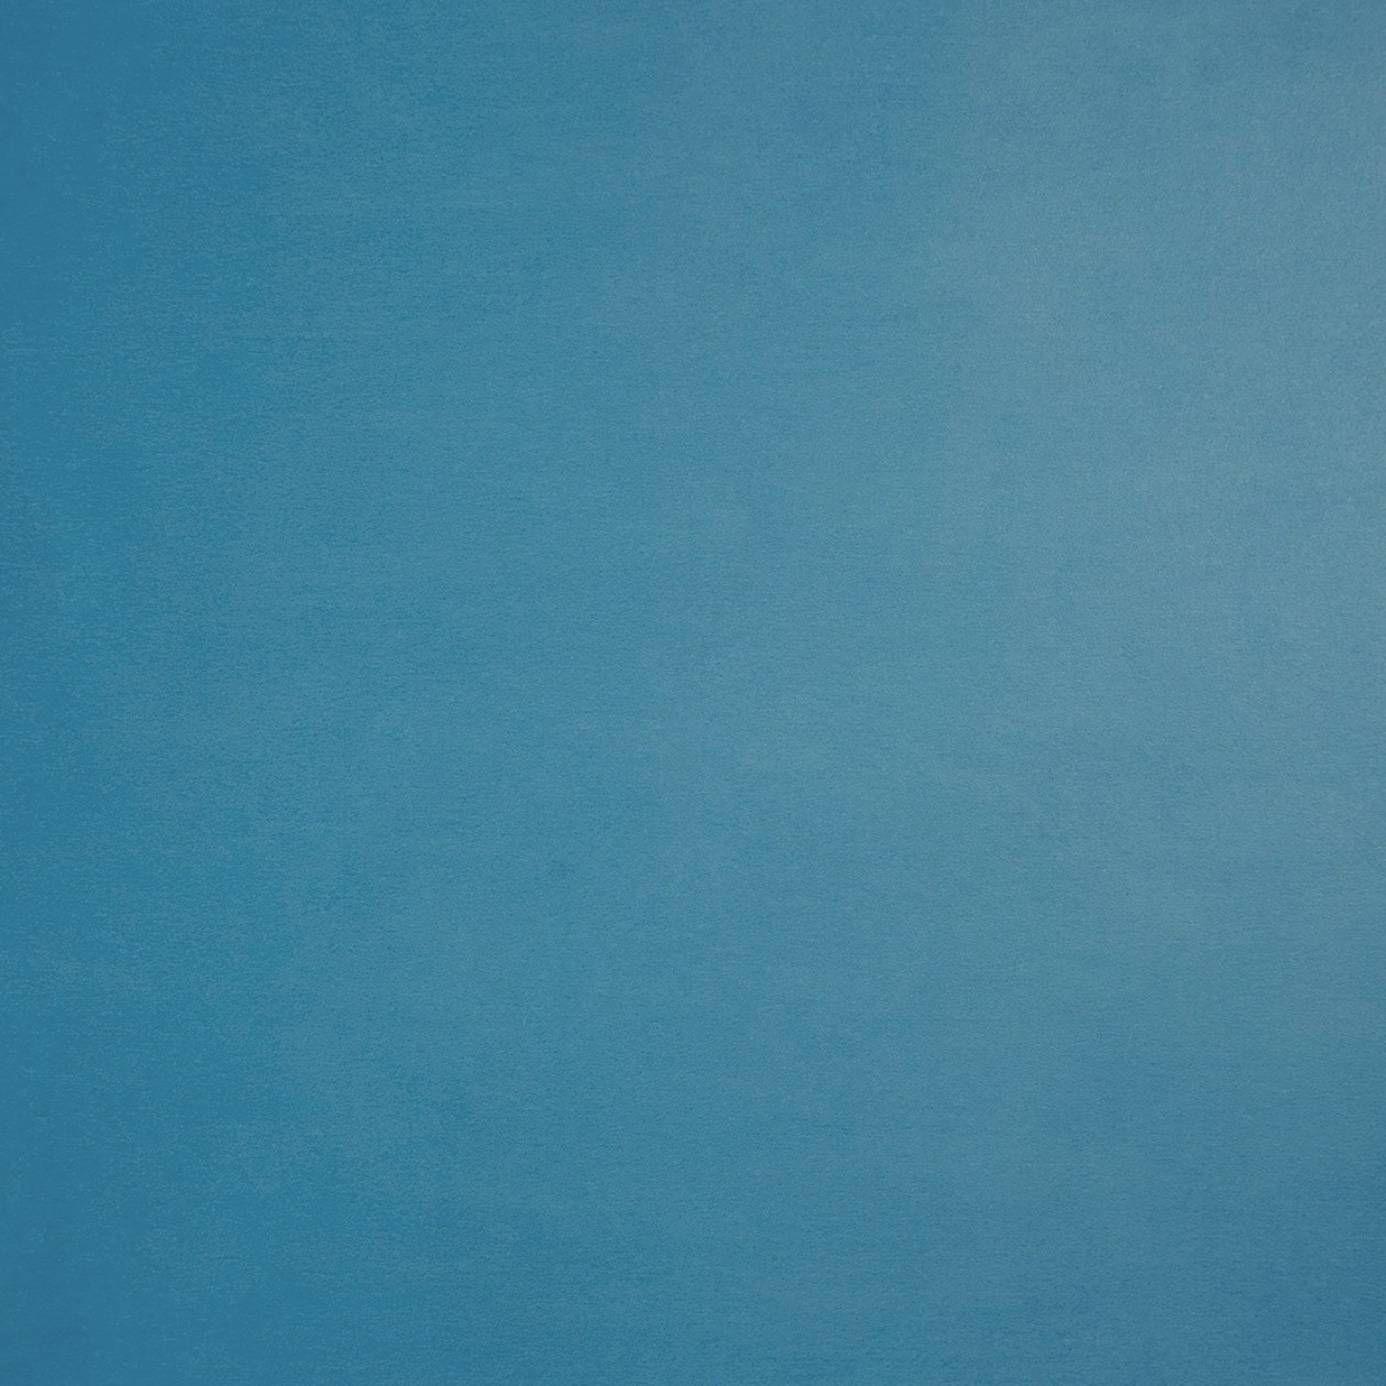 Hình nền đồng bằng 1386x1386 Caselio - Màu xanh dương Mã sản phẩm: 59656512